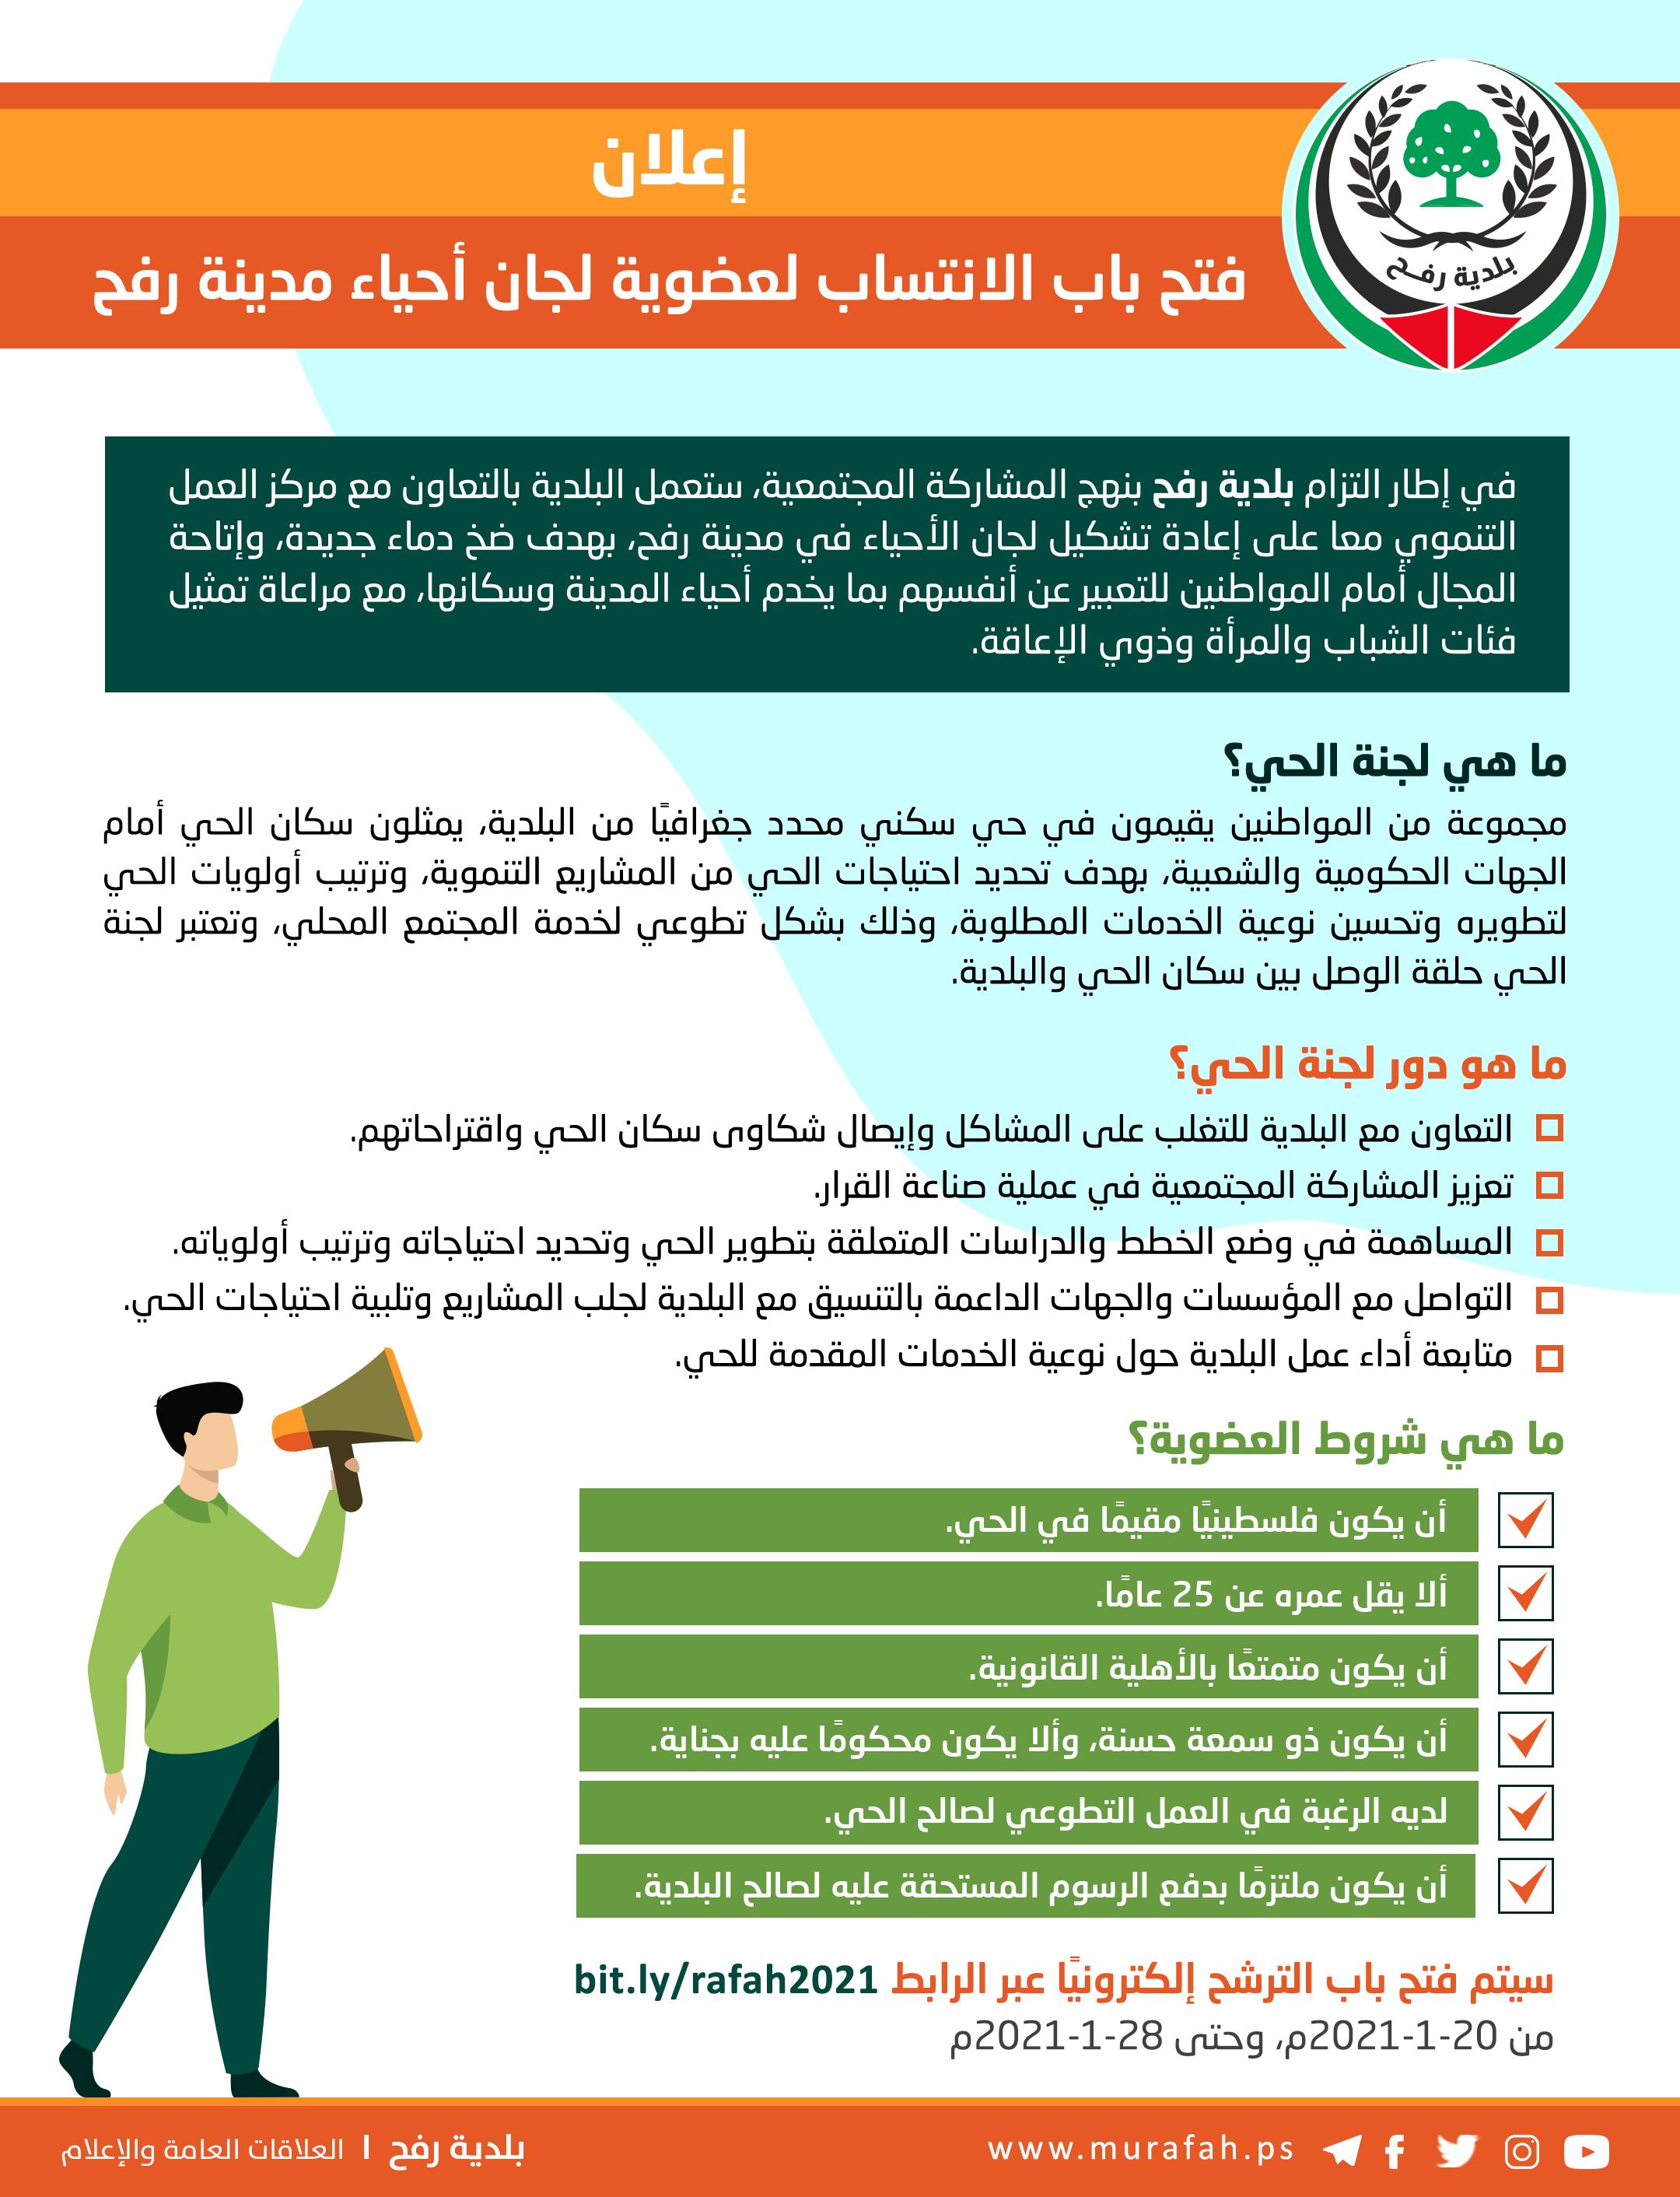 إعلان فتح باب الانتساب لعضوية أعضاء لجان مدينة رفح